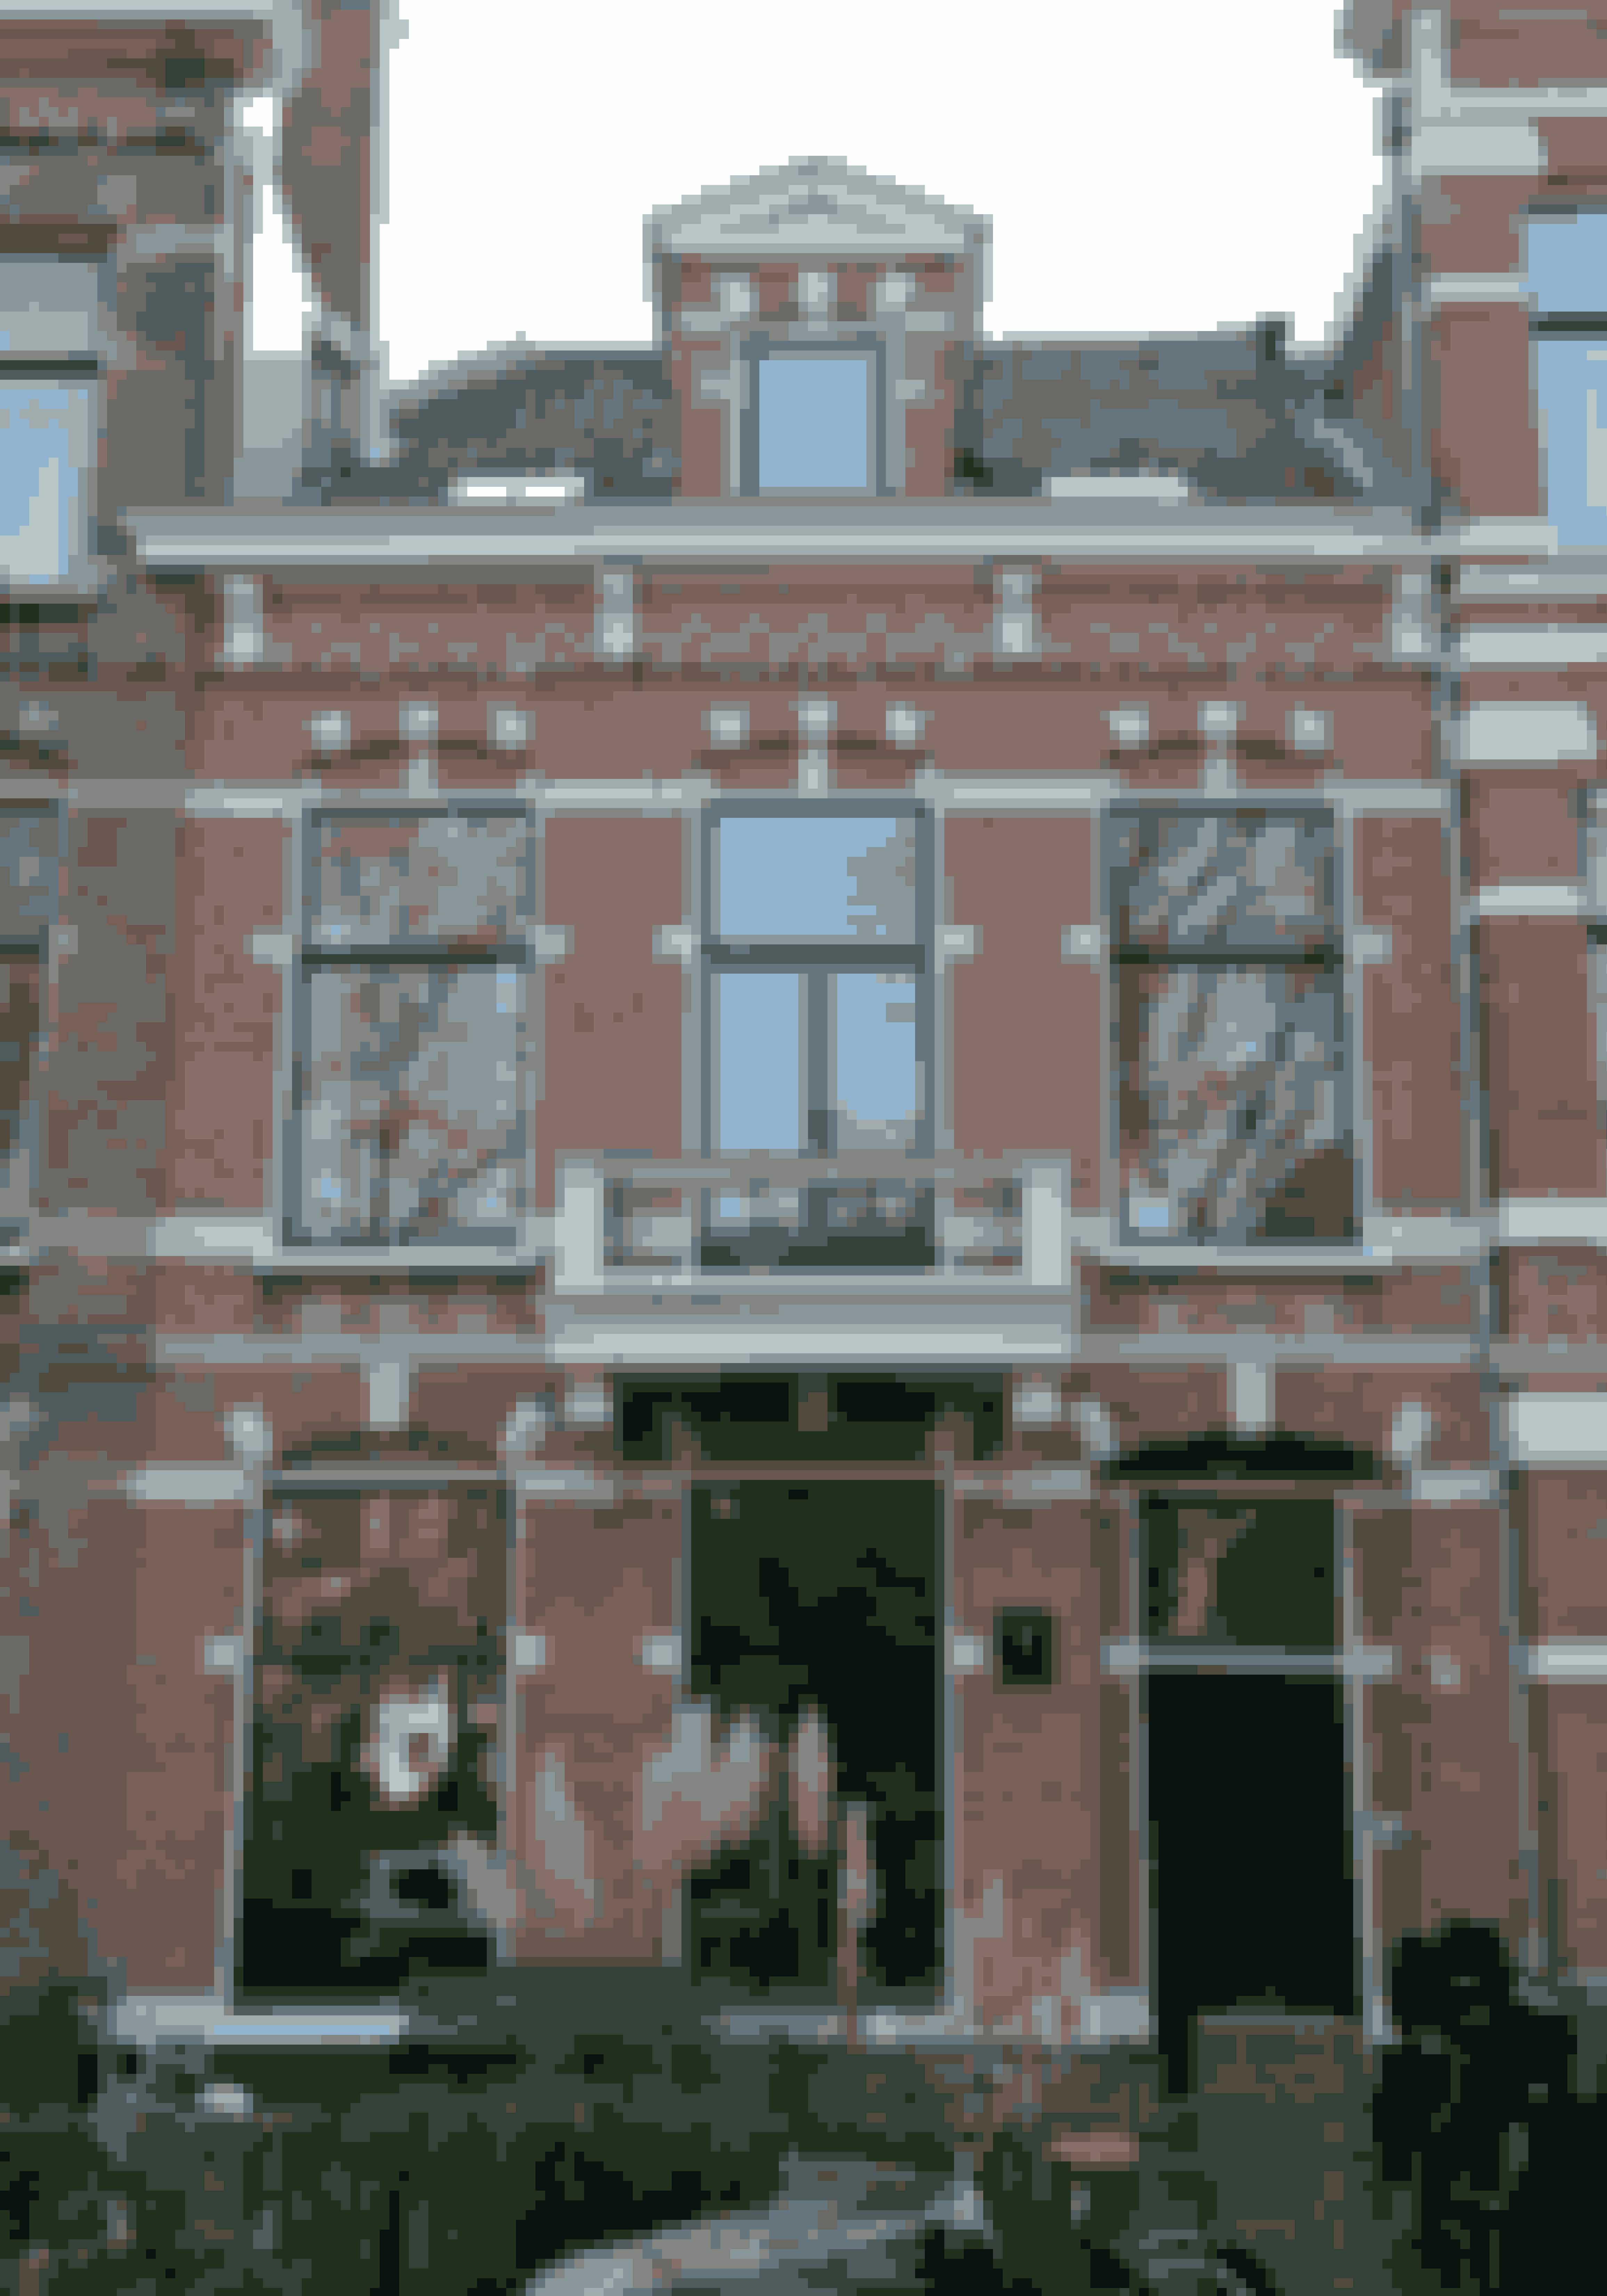 Byhuset er tre etager og ligger lige ud til kanalen i Leiden, Holland.